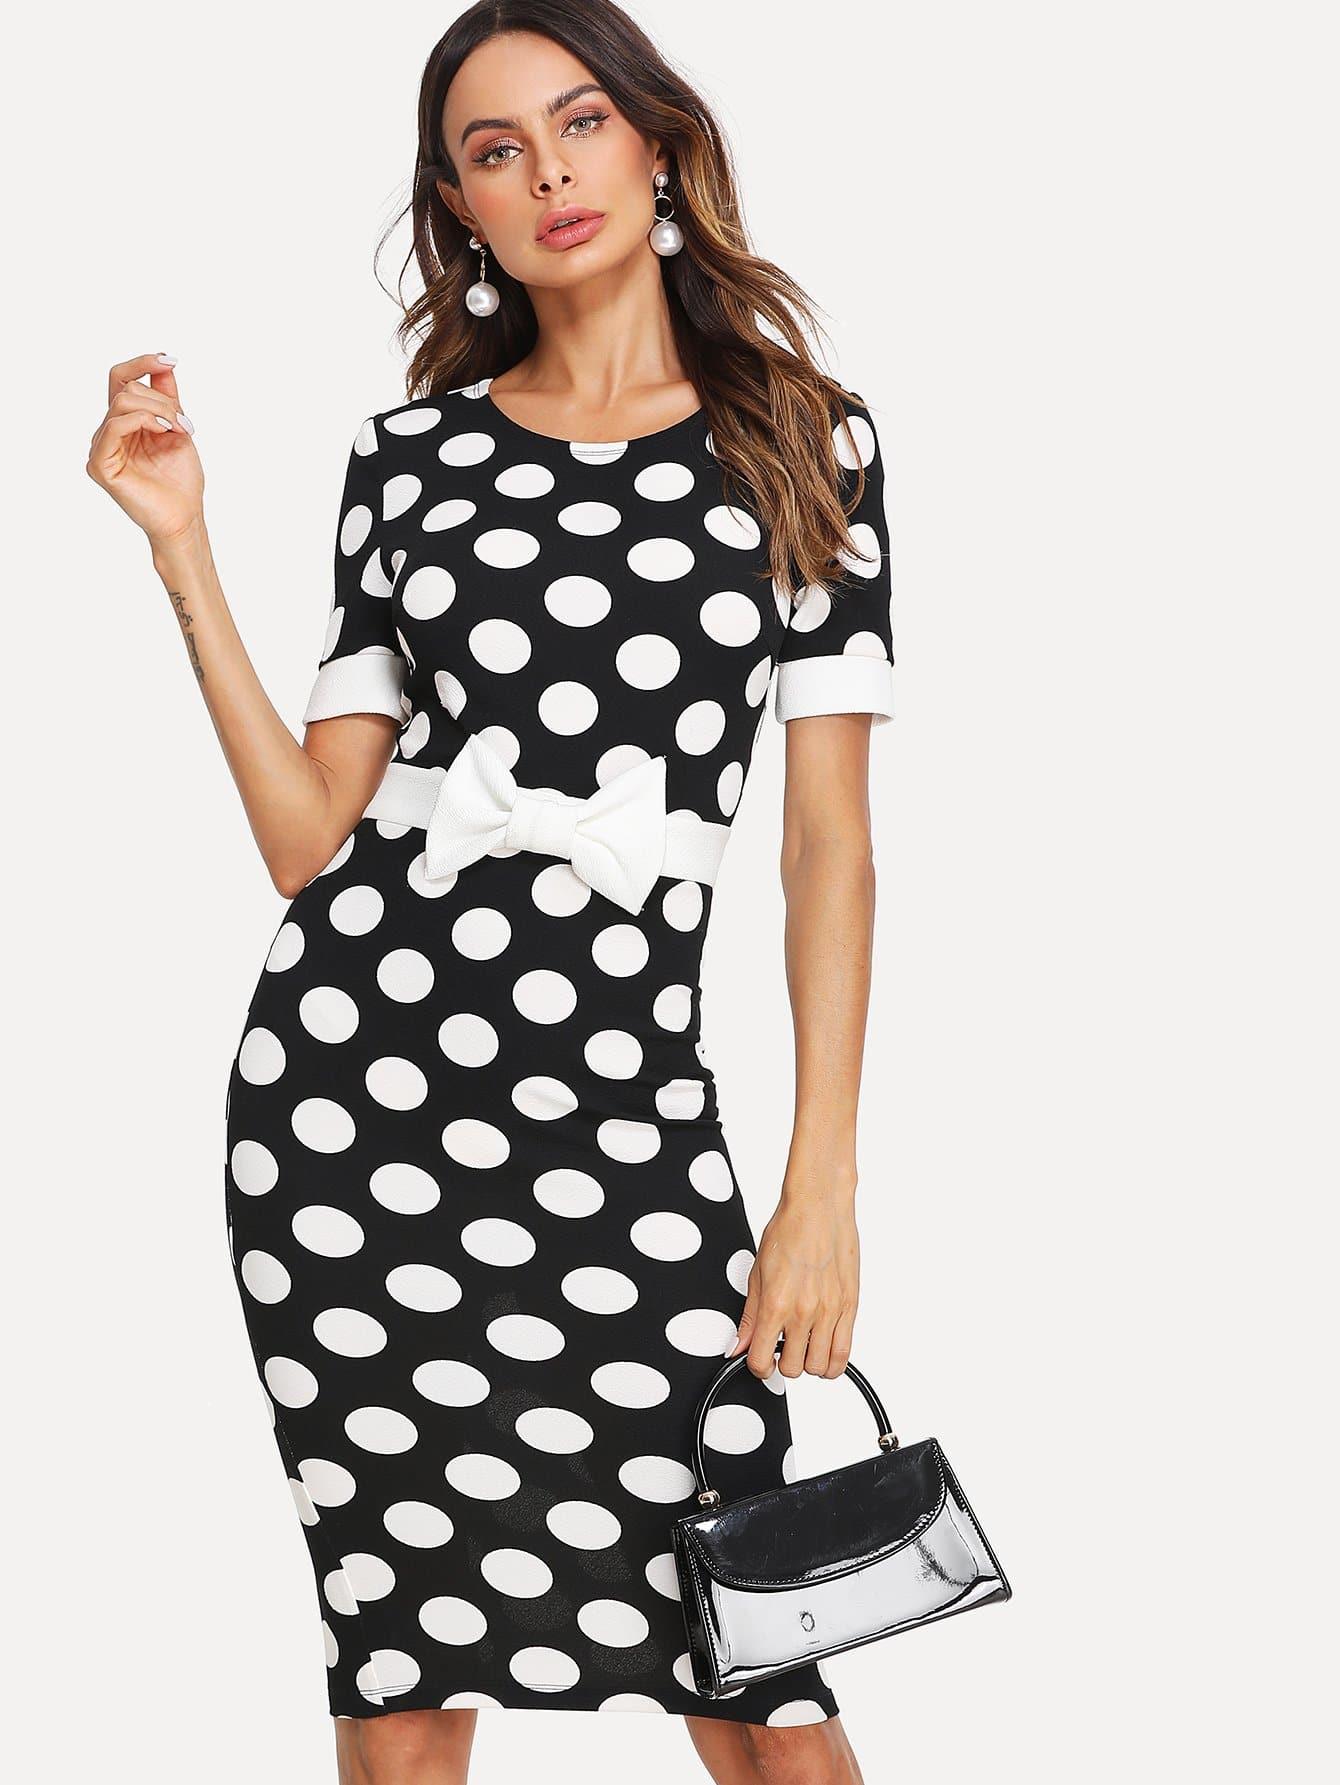 Contrast Bow Embellished Polka Dot Pencil Dress pearl embellished contrast dot mesh hem dress